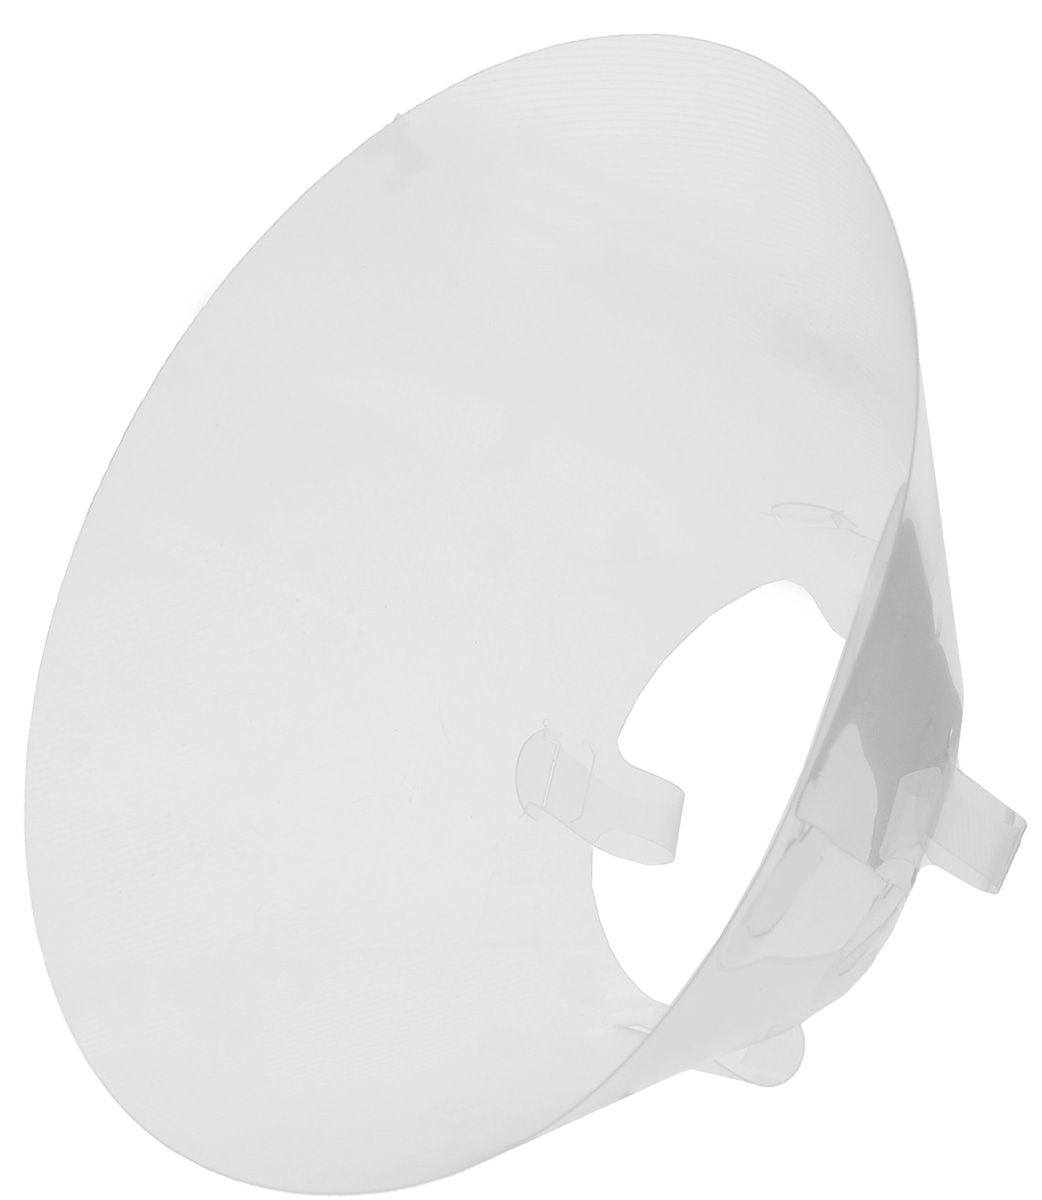 Воротник защитный Талисмед, обхват шеи 28-33 см53260Защитный воротник Талисмед изготовлен из высококачественного нетоксичного пластика, который позволяет сохранять углы обзора для животного. Изделие разработано для ограничения доступа собаки к заживающей ране или послеоперационному шву. Простота в эксплуатации позволяет хозяевам самостоятельно одевать и снимать защитный воротник с собаки. Обхват шеи: 28-33 см.Высота воротника: 12,5 см.